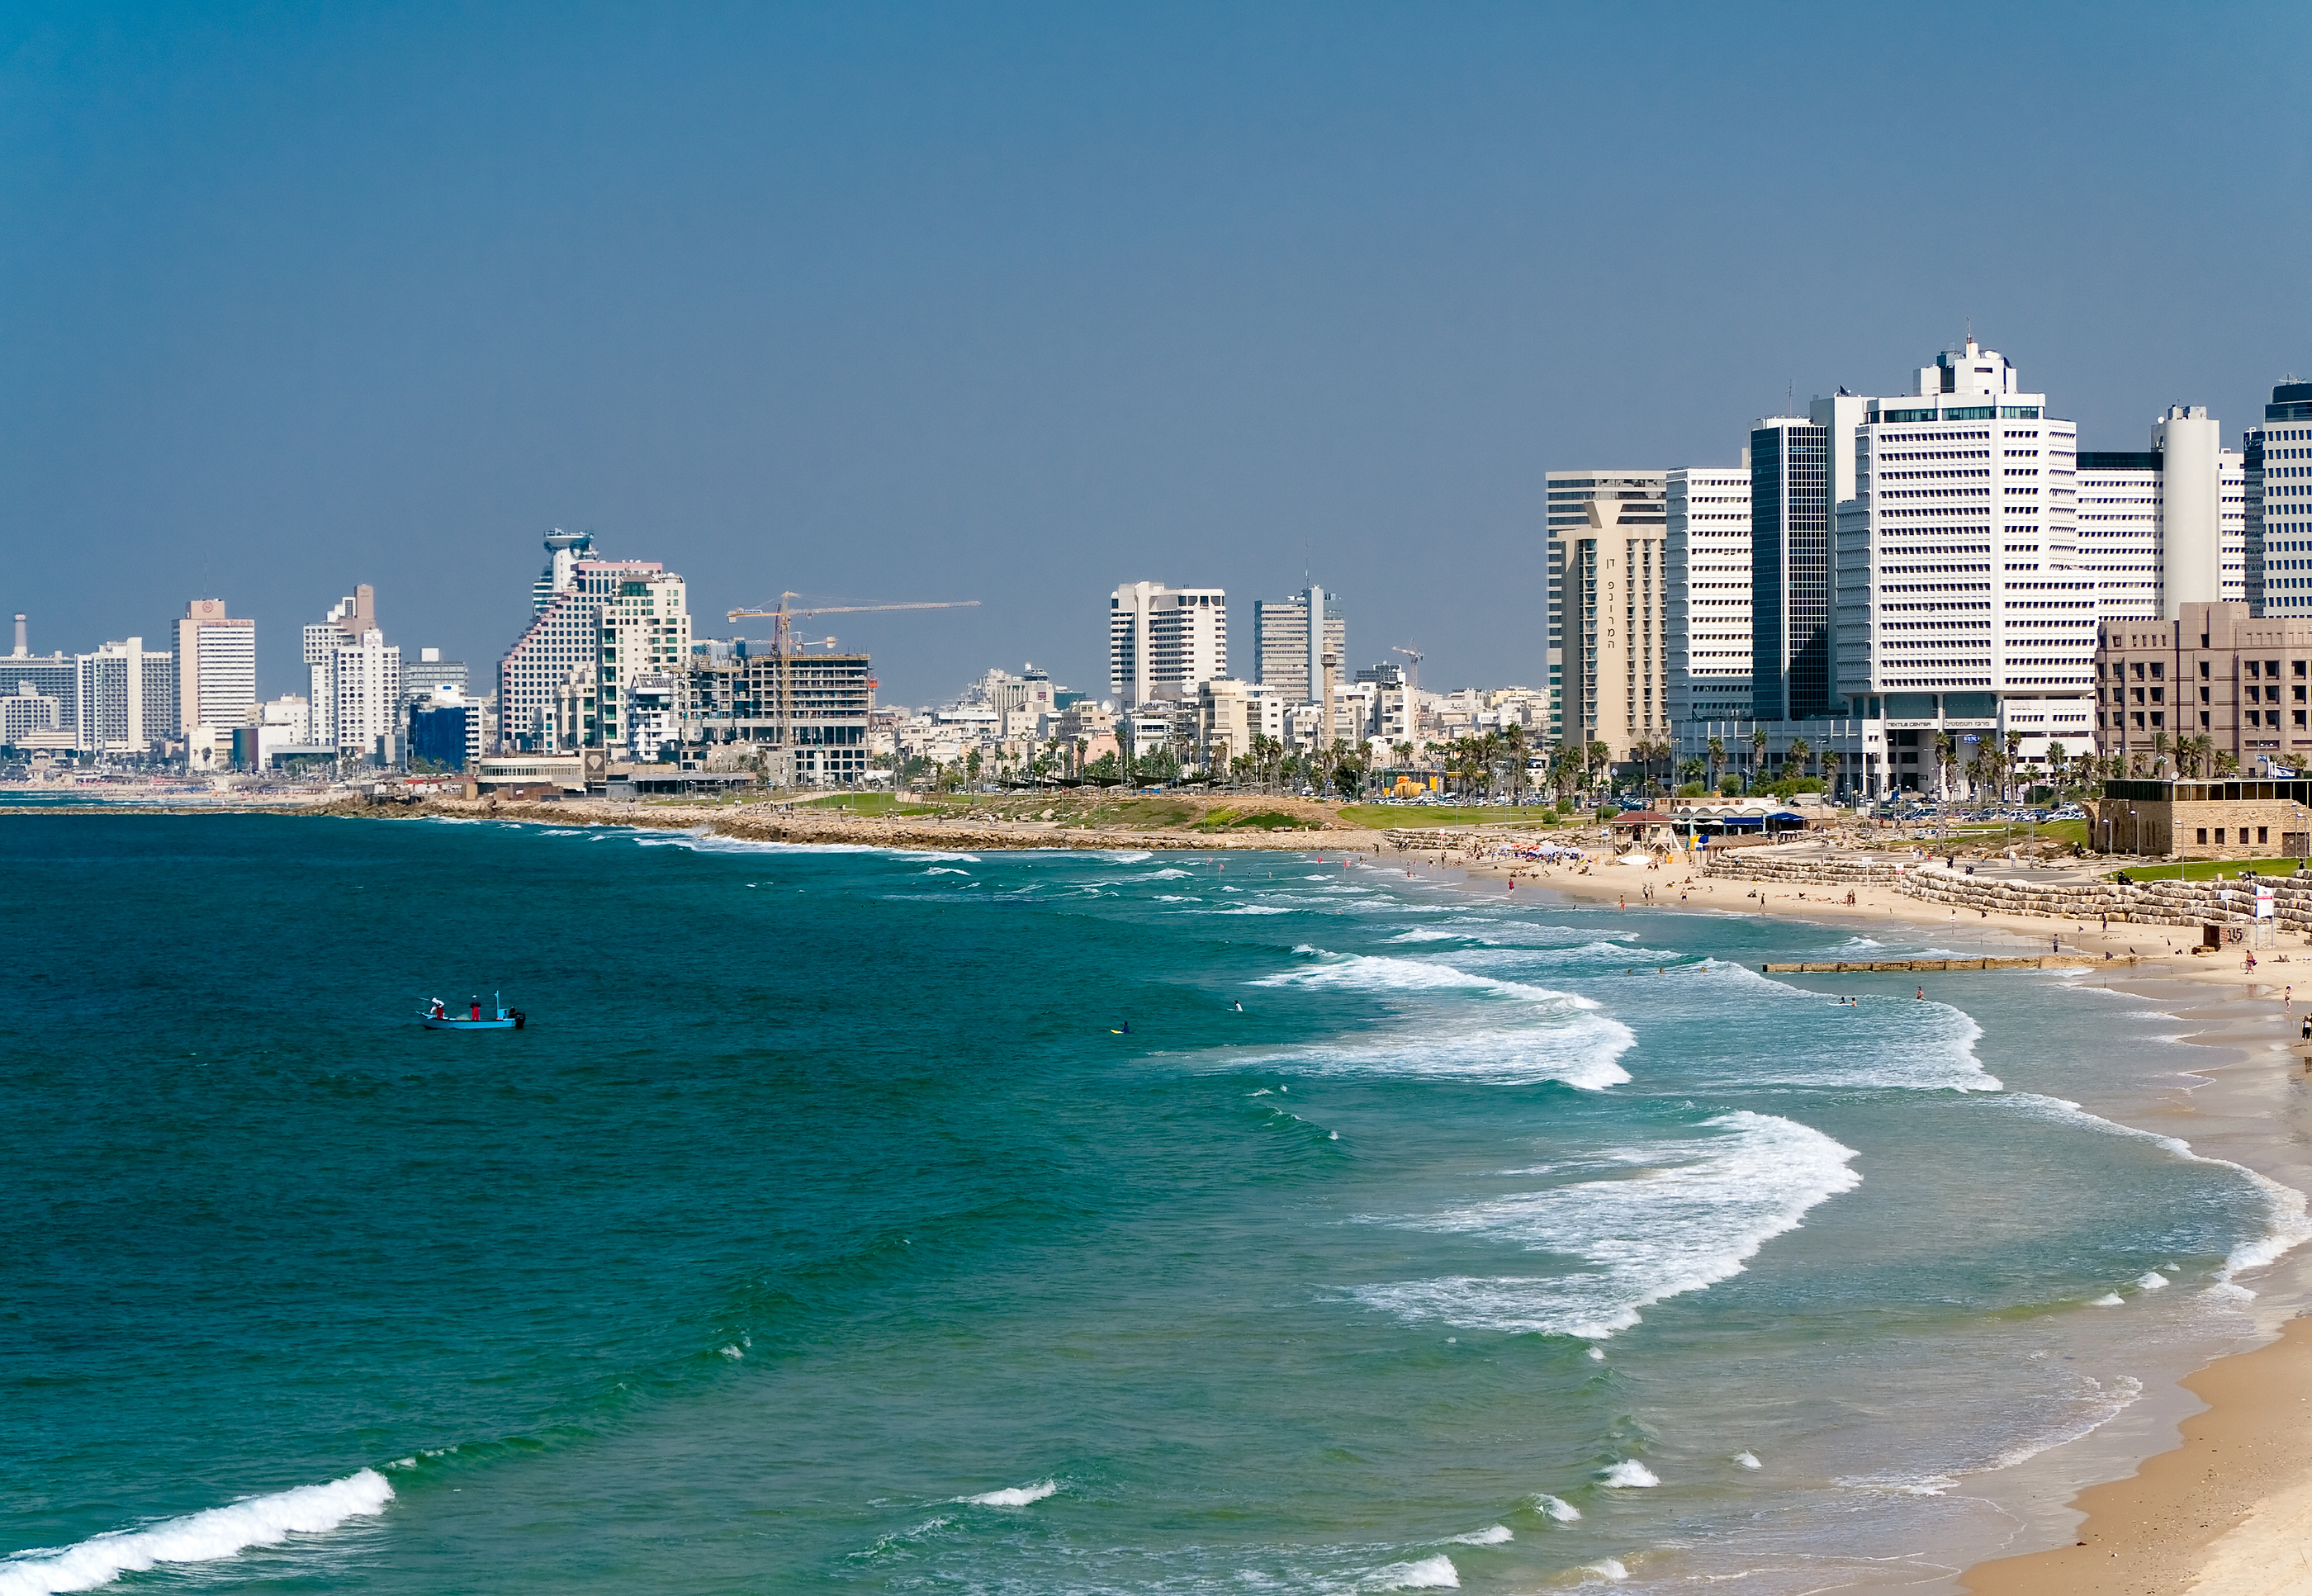 виды израиля обои для рабочего стола № 739736 бесплатно